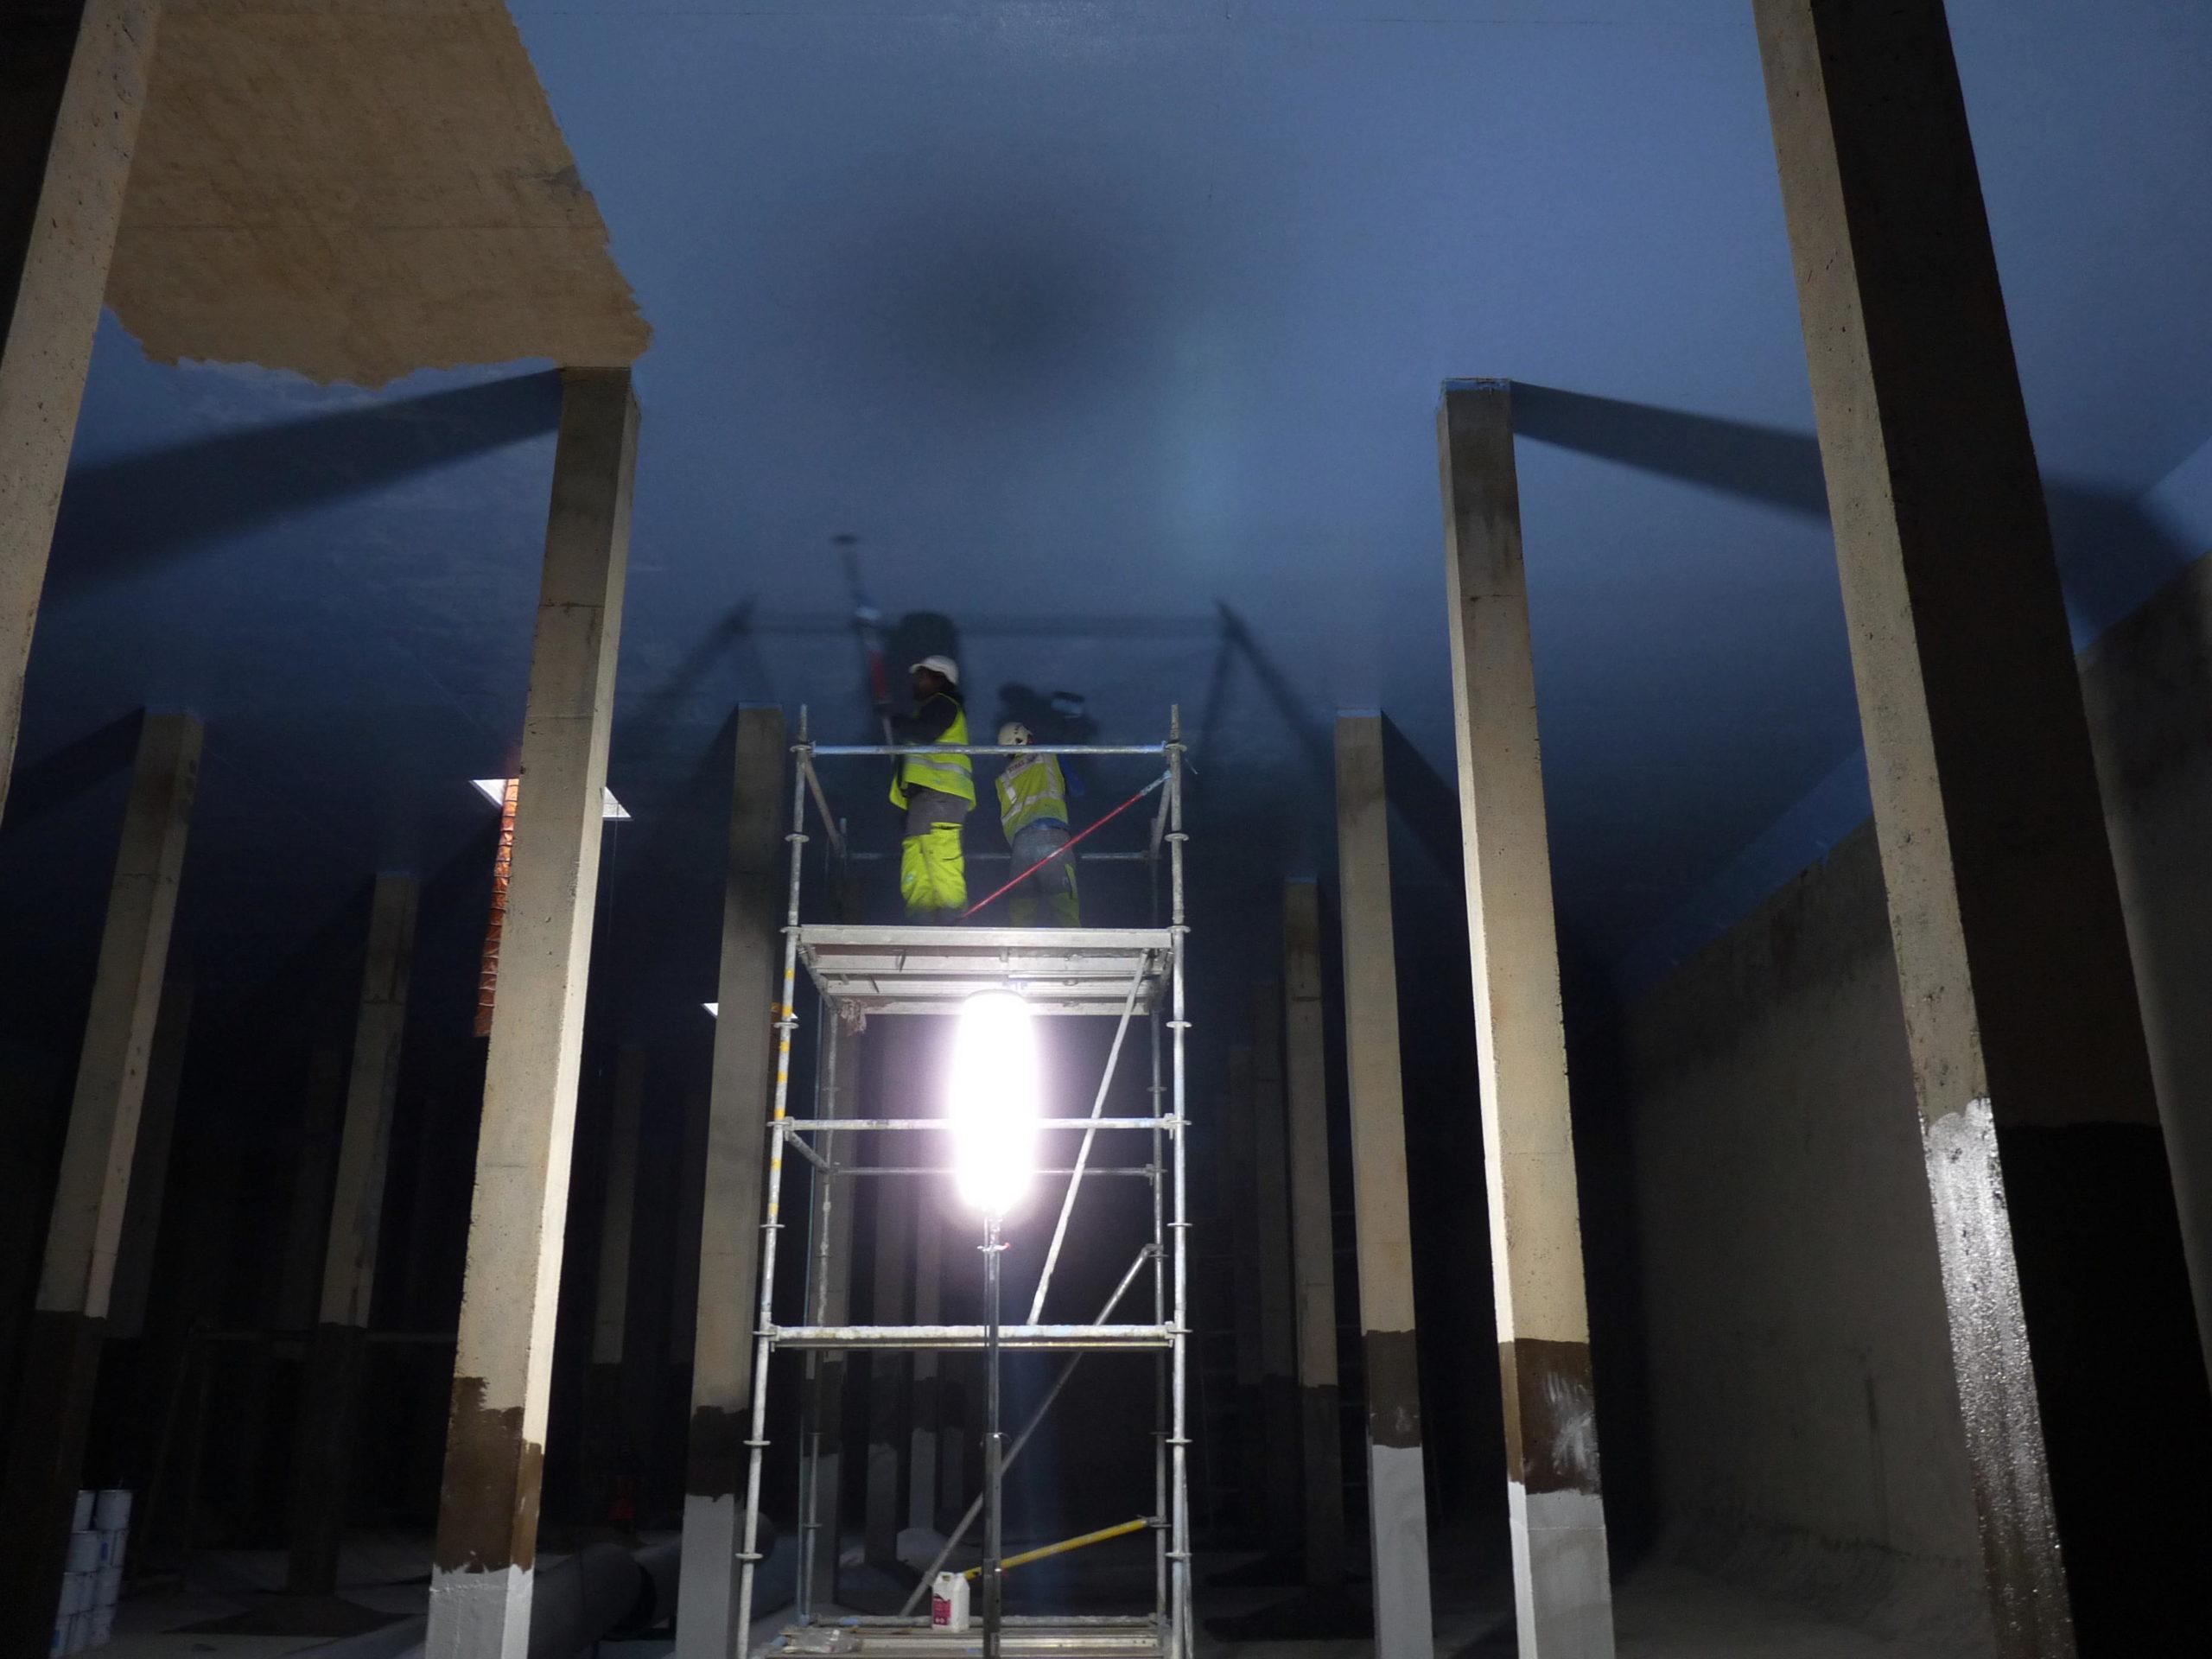 Revêtement d'imperméabilisation dans un château d'eau 15 000M3